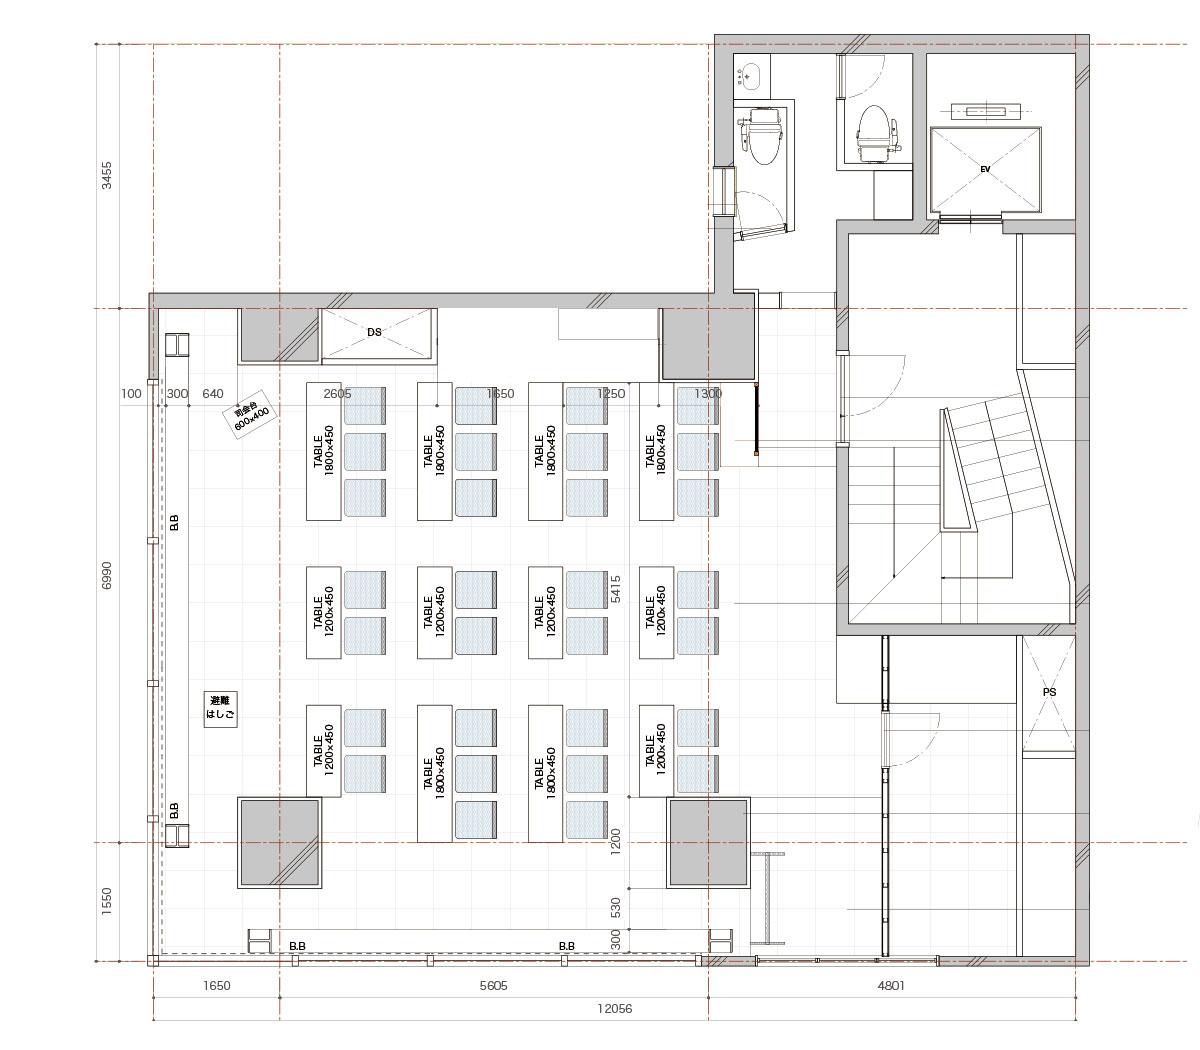 みんなの会議室 東京駅前3階 (ID:10019) 図面